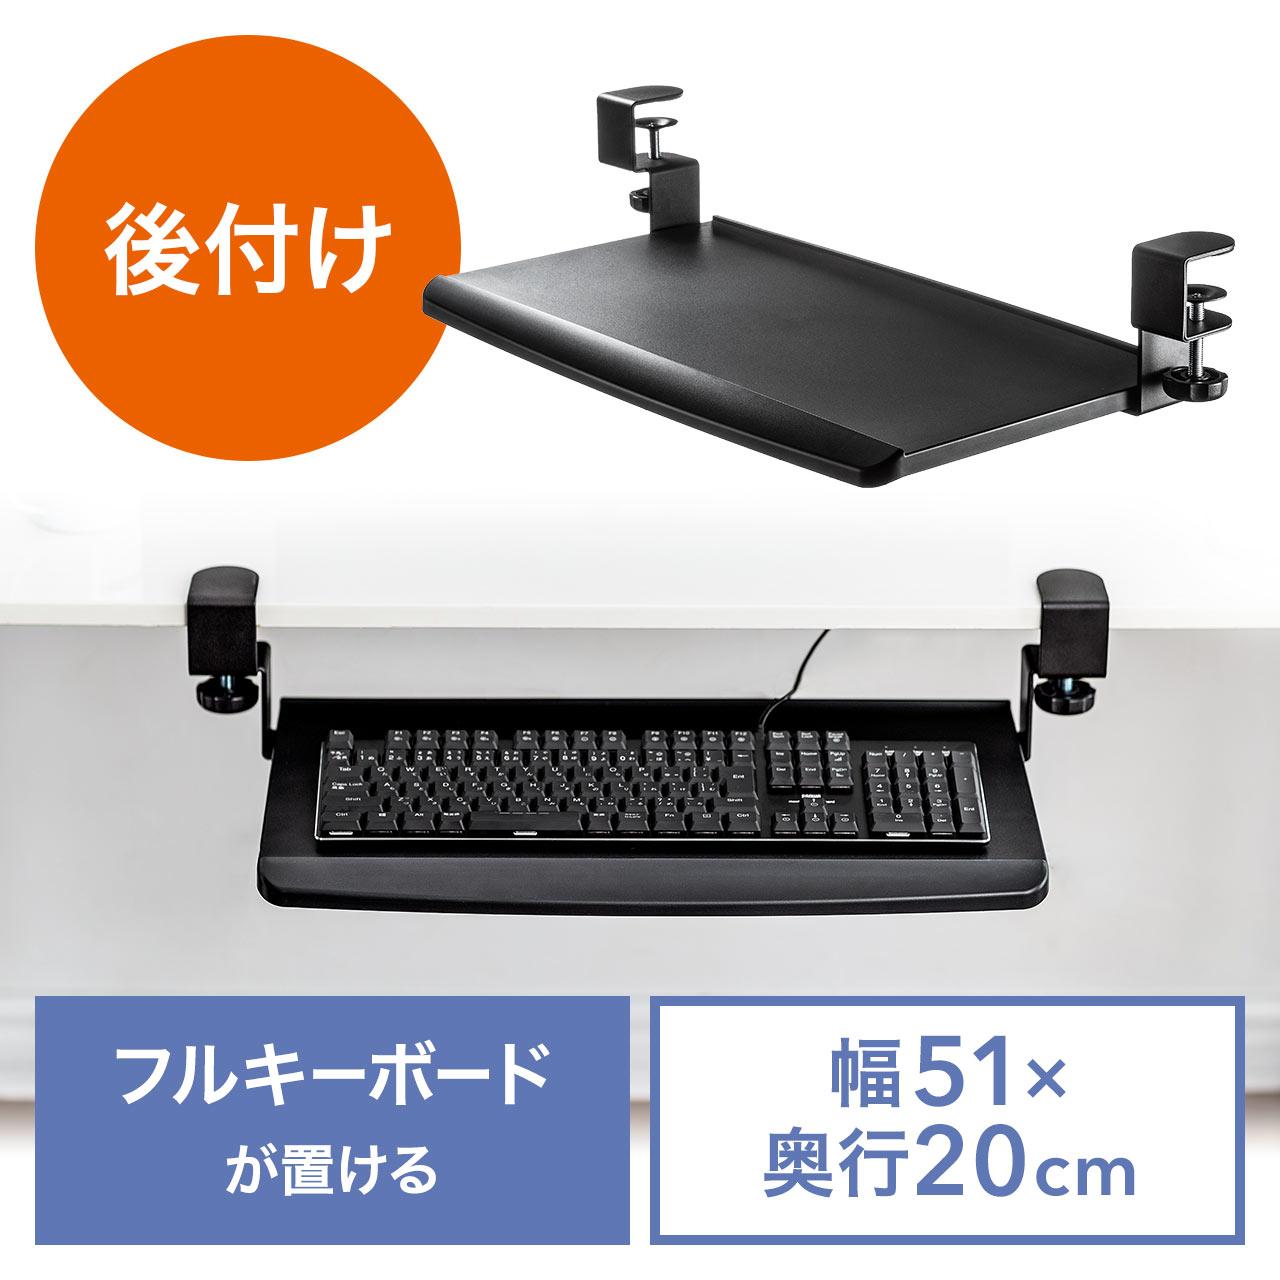 キーボードスライダー(デスク設置・クランプ式・後付対応・キーボード・マウス収納対応・幅51cm) サンワダイレクト サンワサプライ 100-KB004